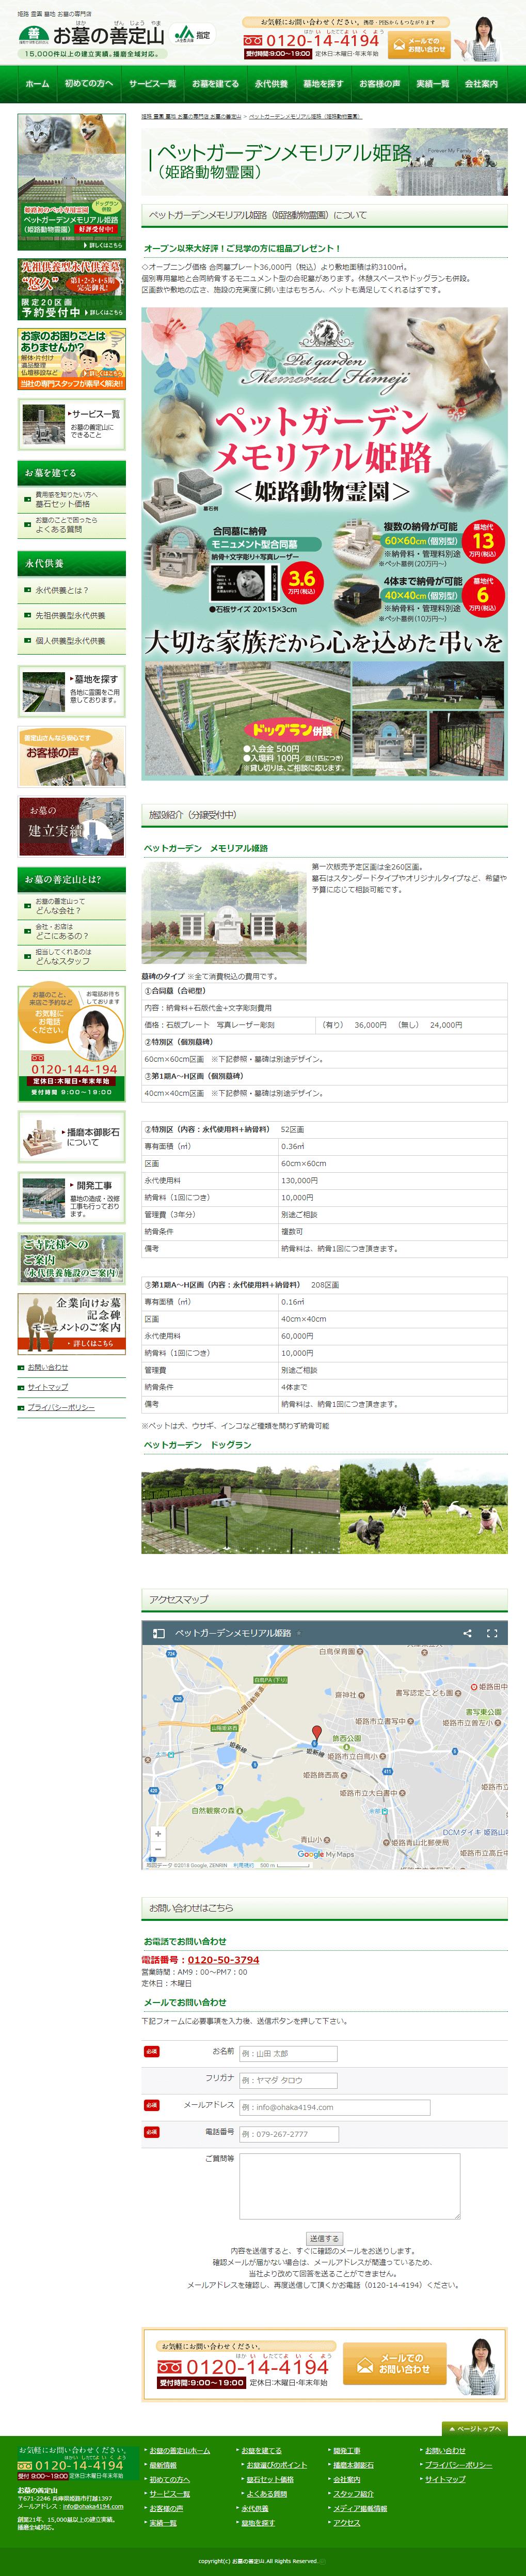 姫路市 お墓の善定山様 ホームページ制作2